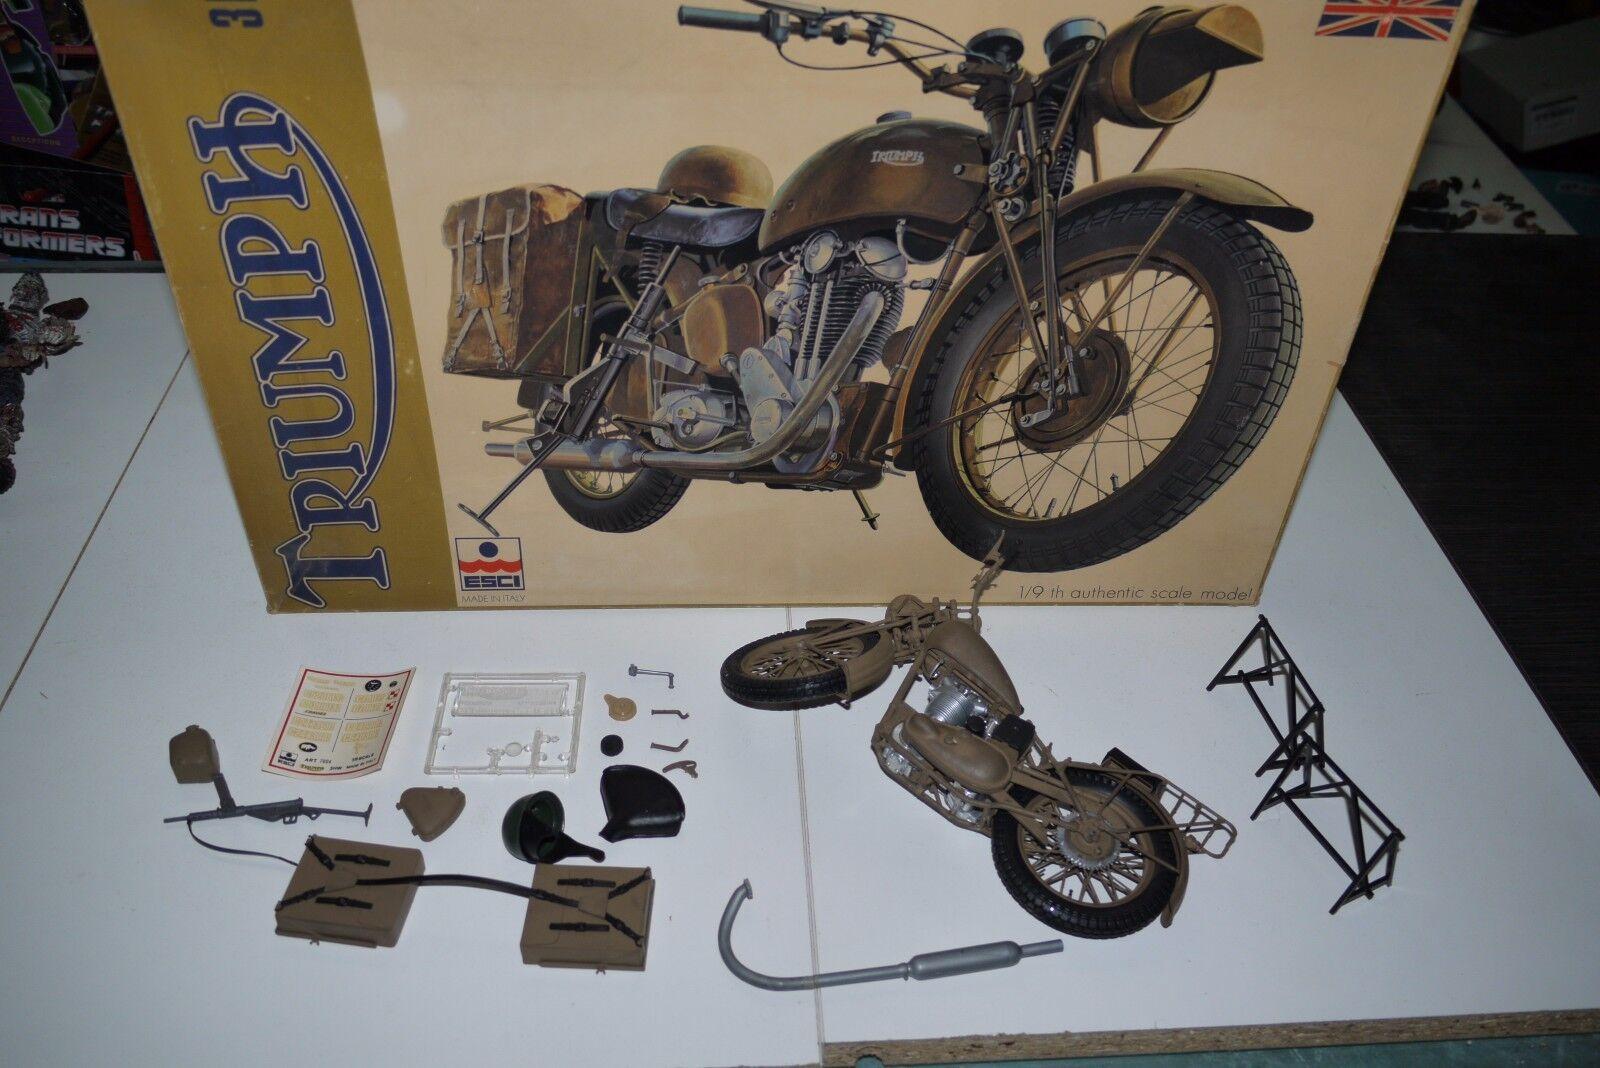 70 S årgång ESCI TRIUMPH 3 HW MOTORCYCLE modelllllerL KYL 1  9